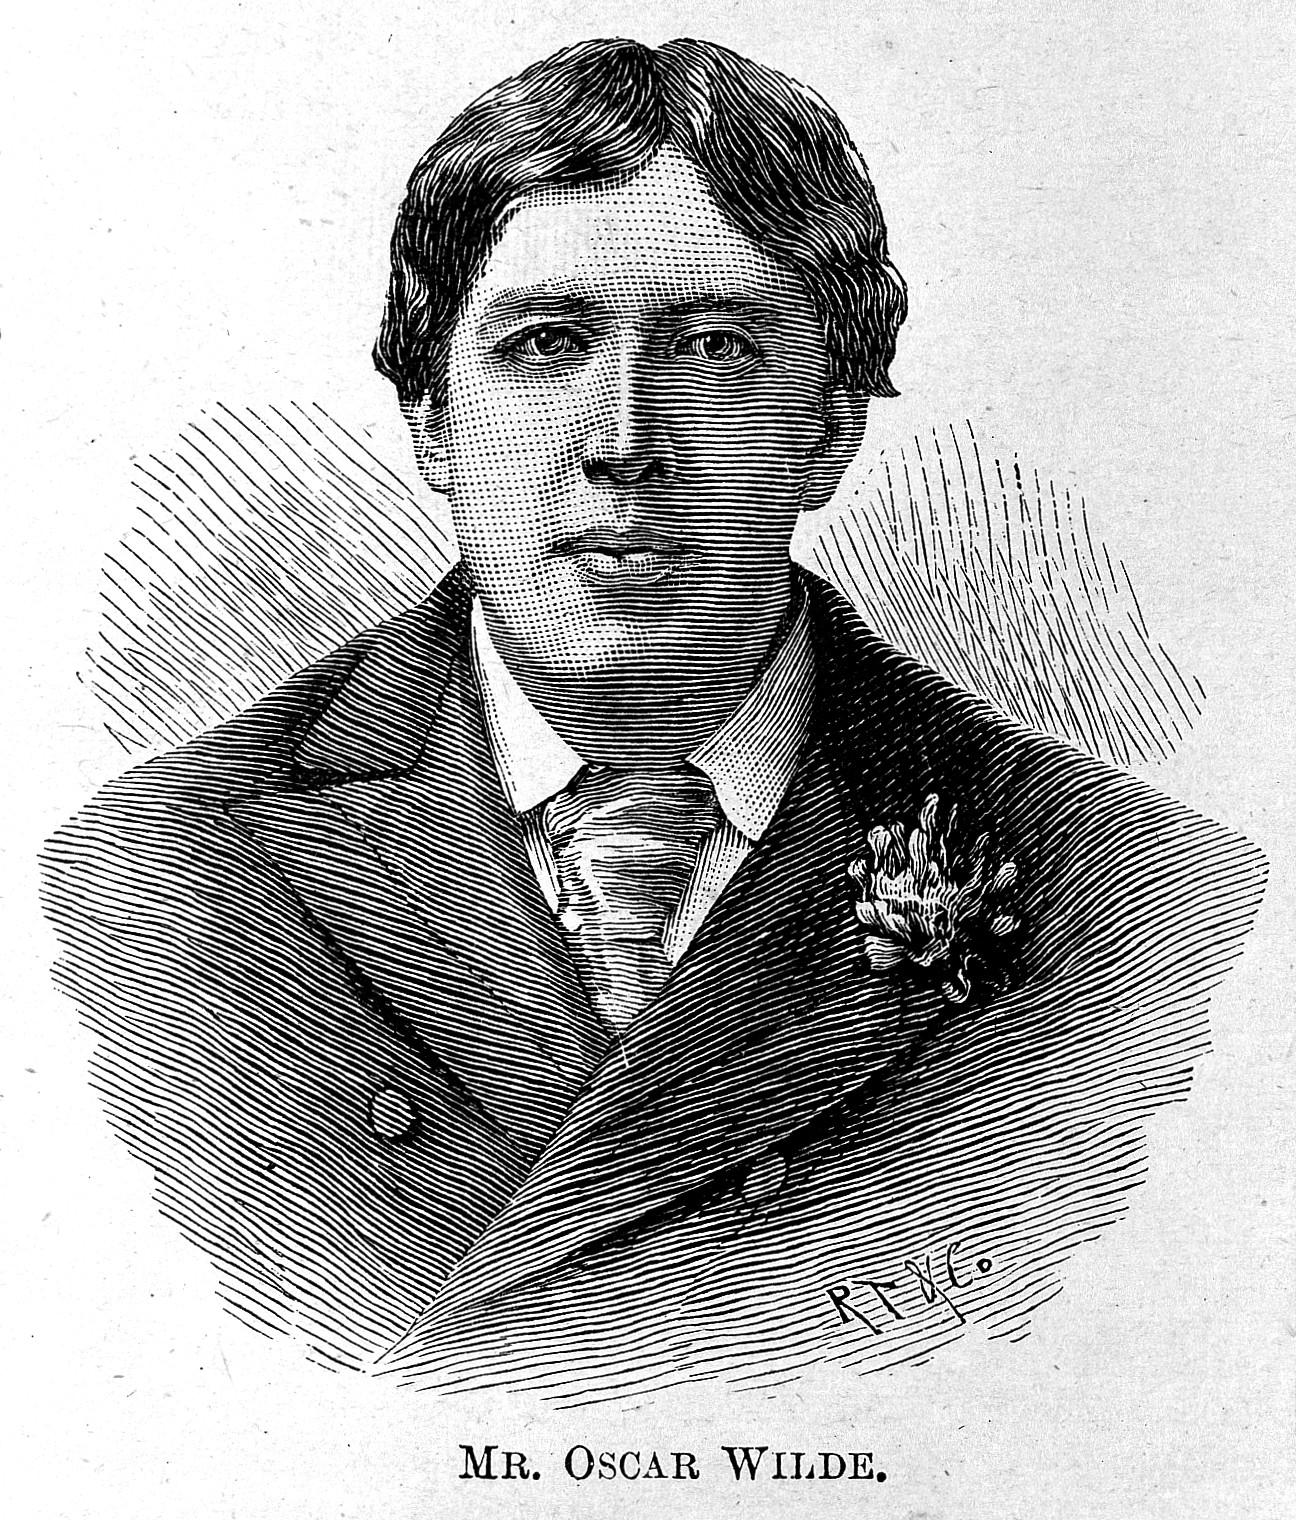 Oscar Wilde photo #105520, Oscar Wilde image